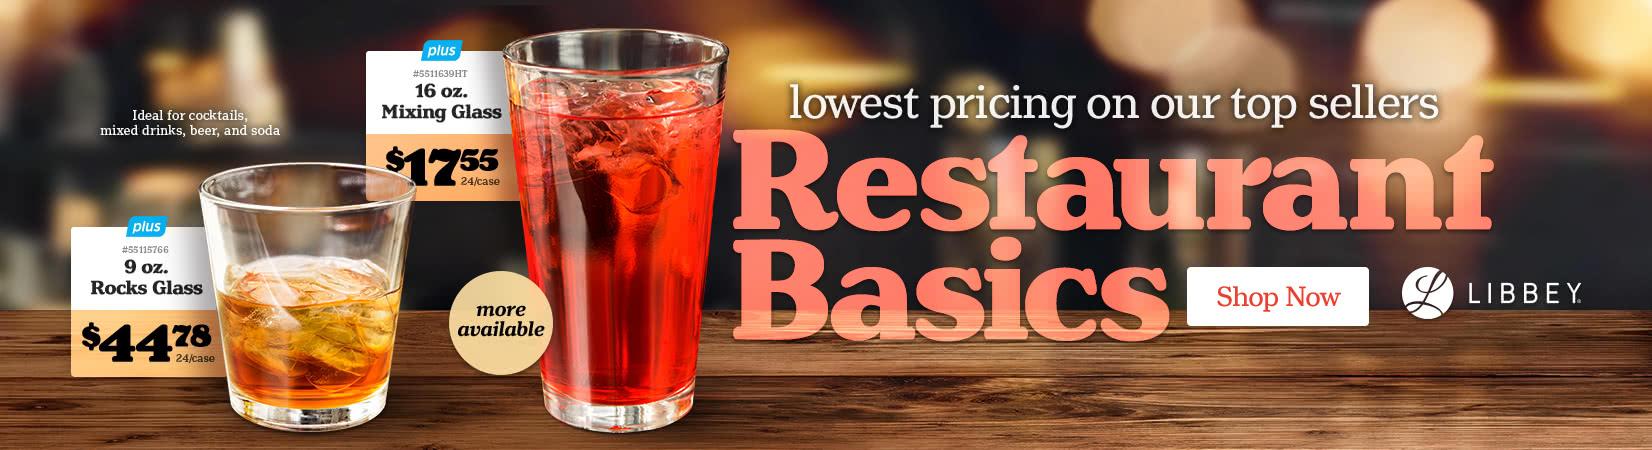 Libbey Restaurant Basics